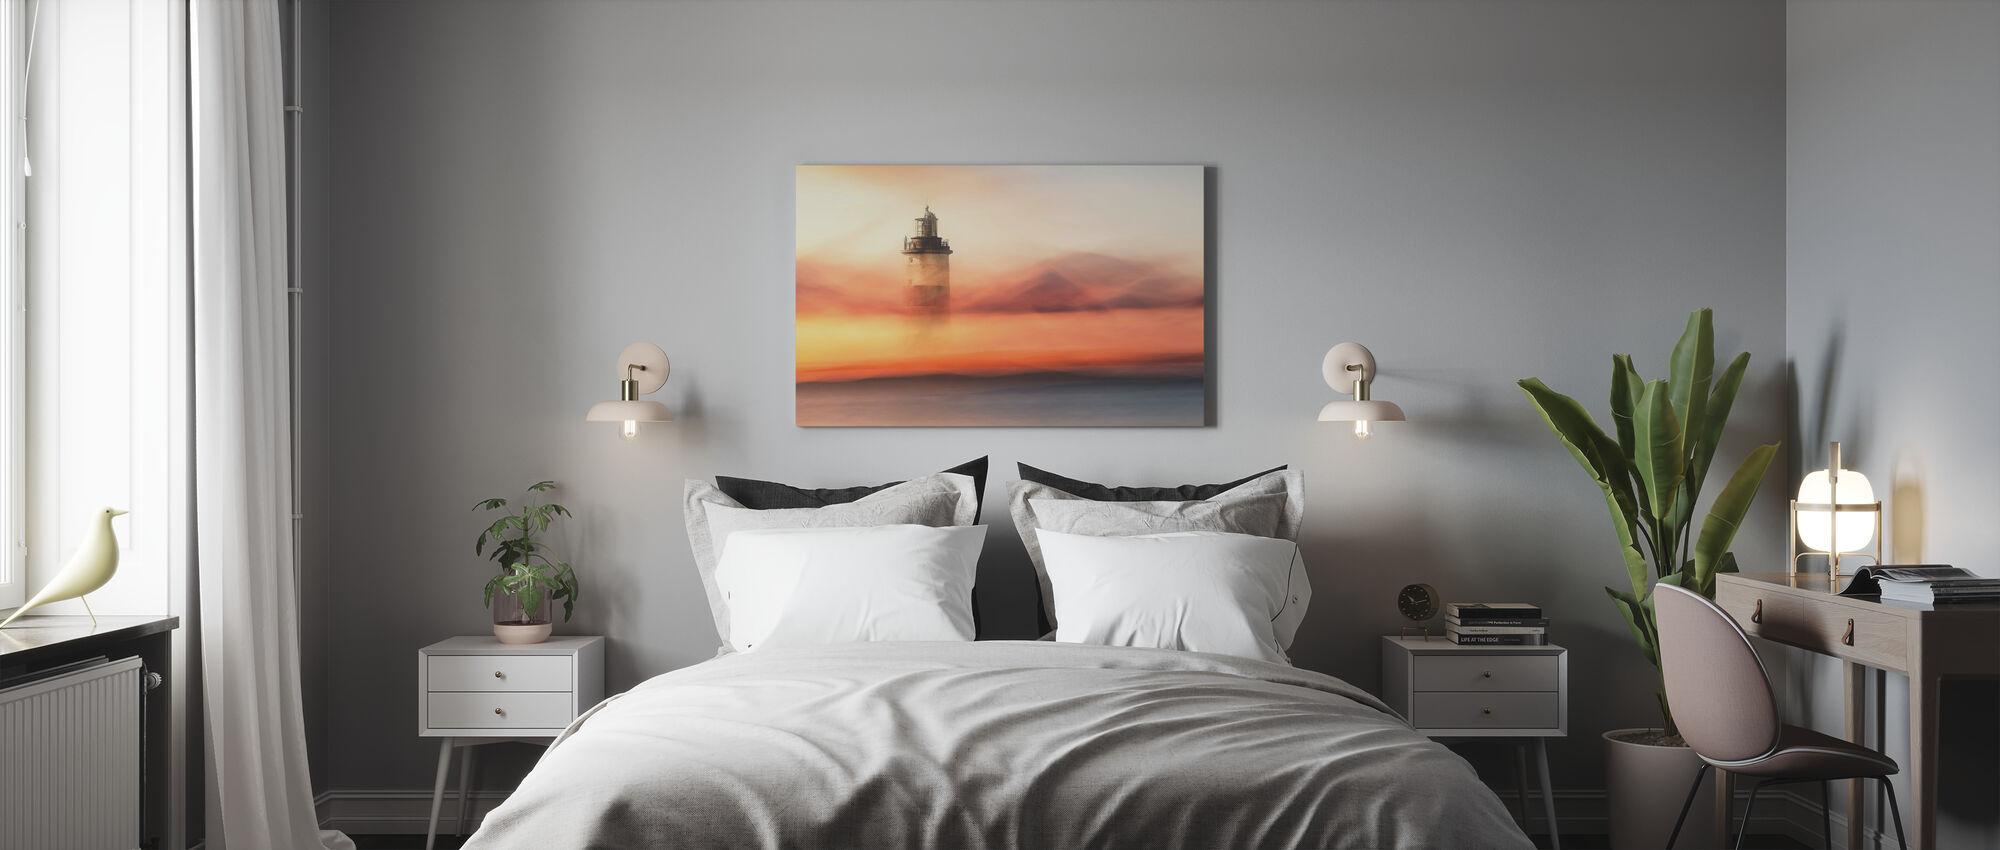 Kadonnut merellä - Canvastaulu - Makuuhuone